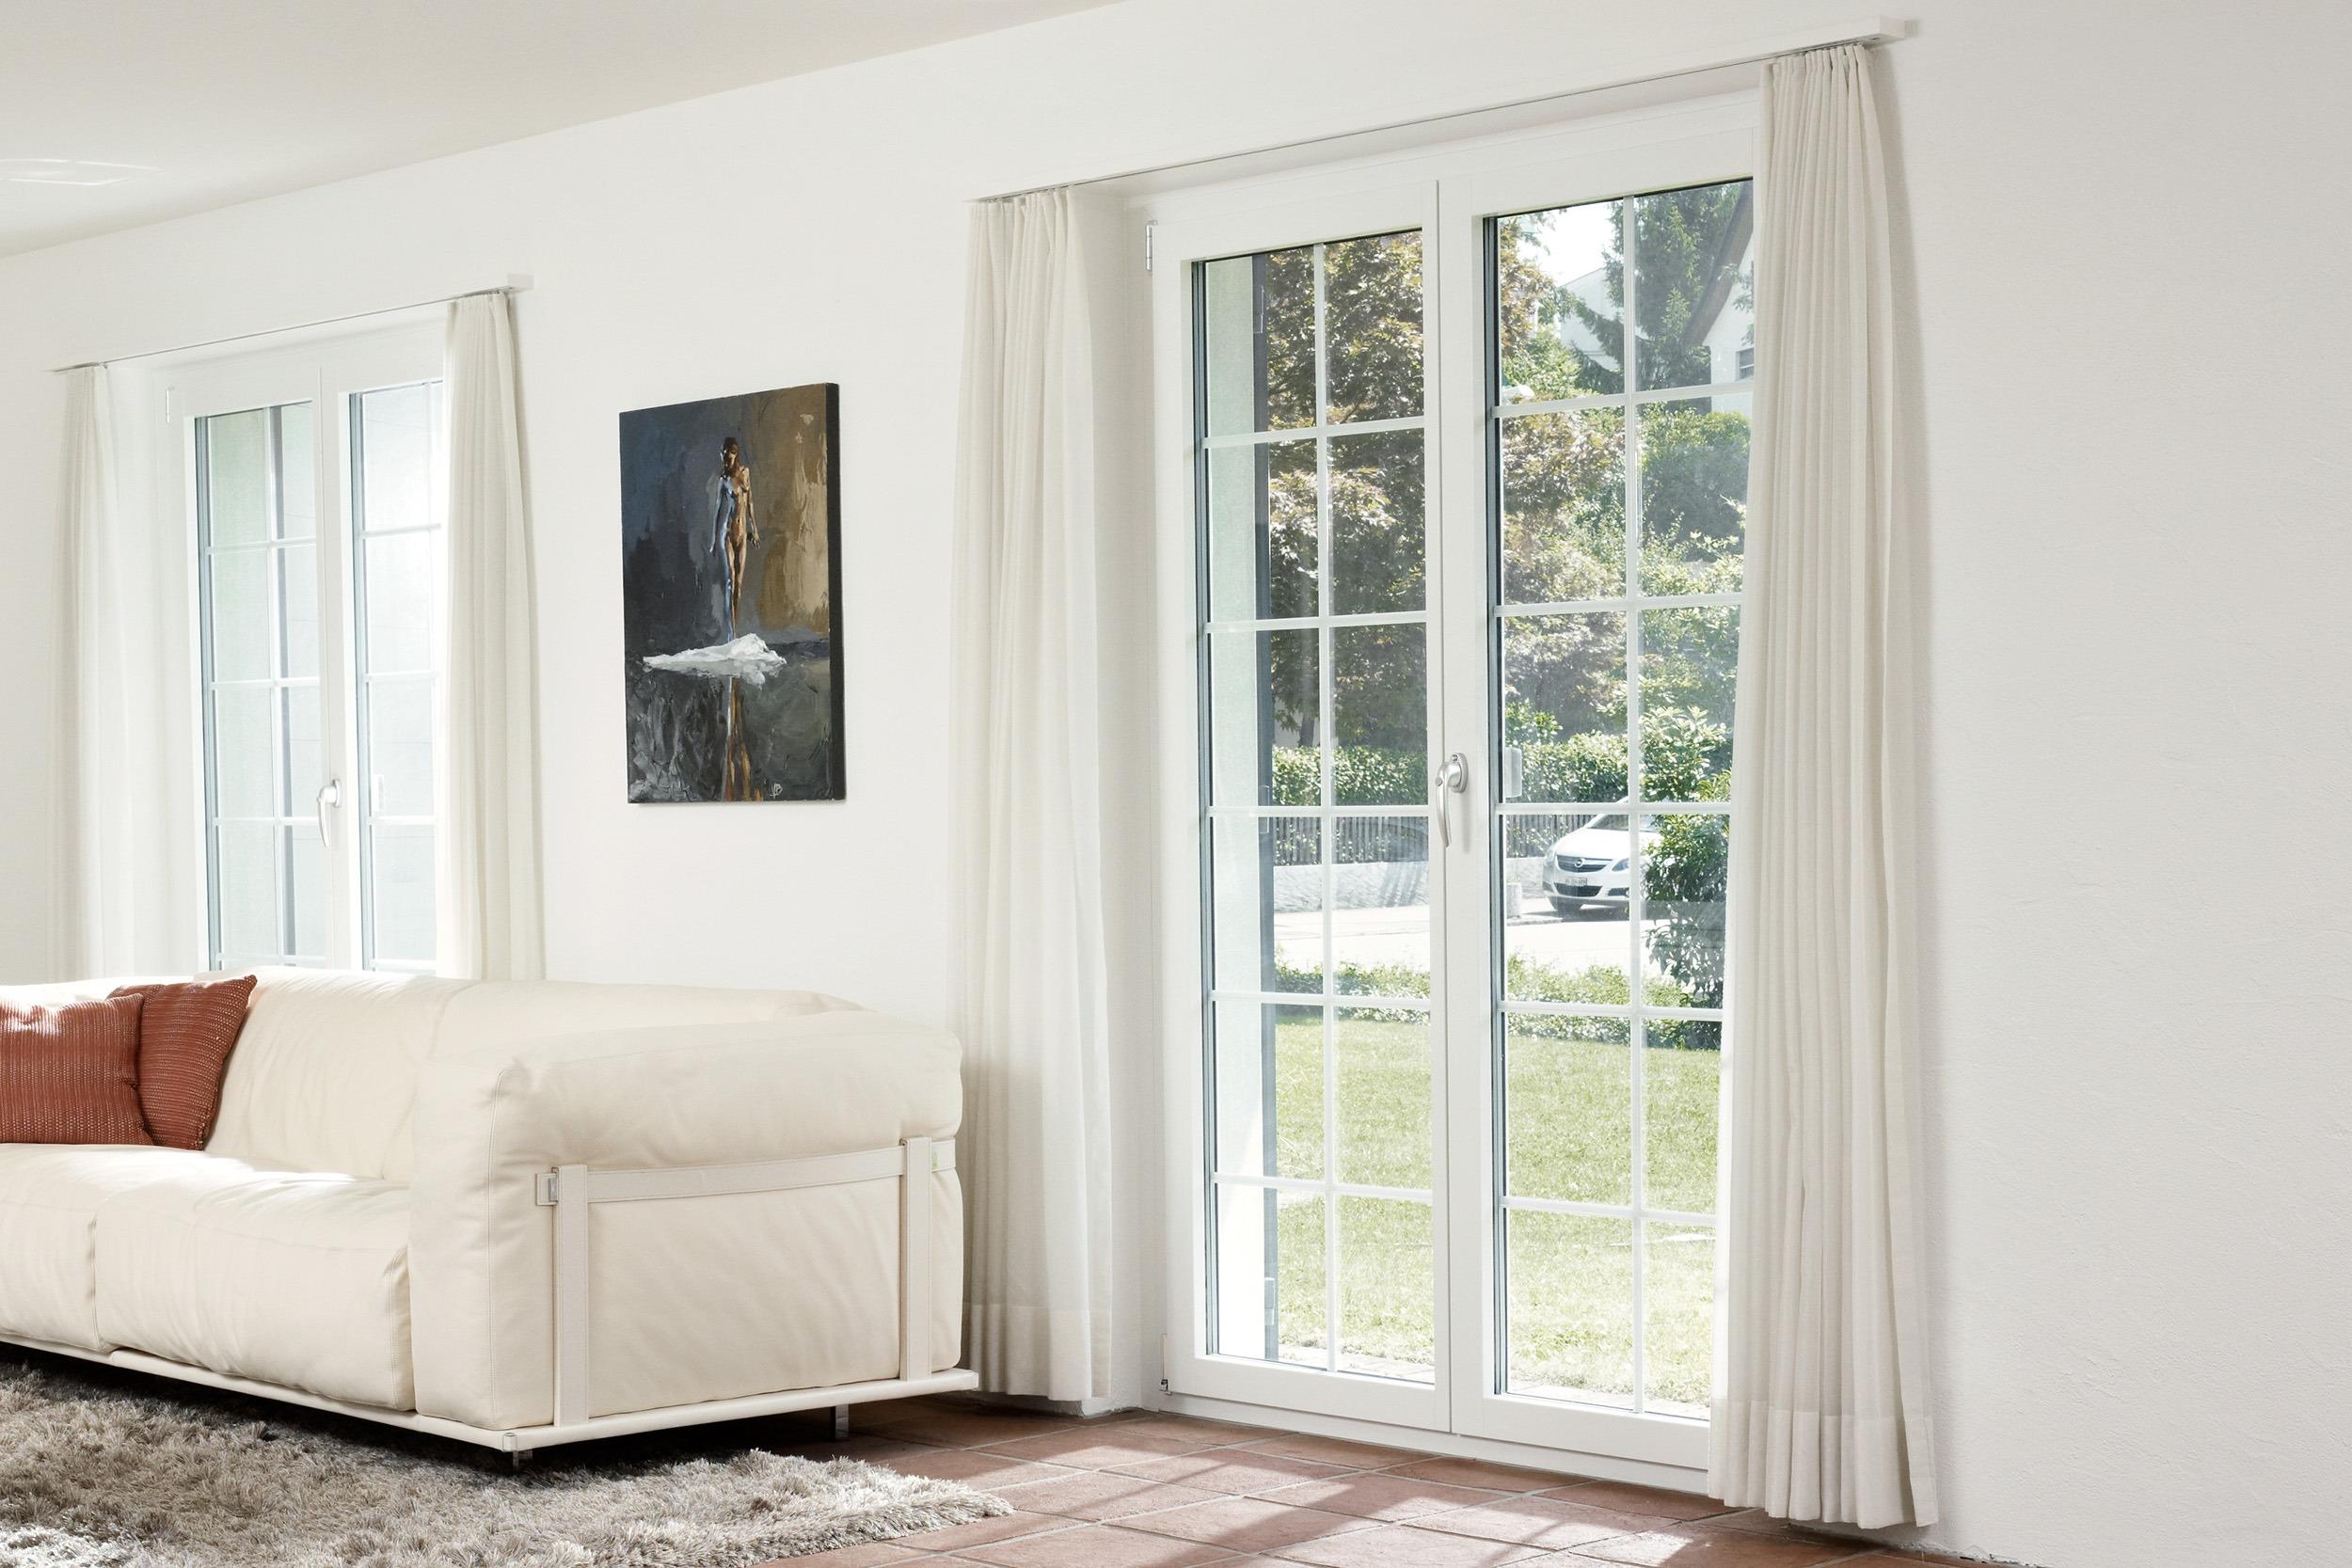 Wohnbereich mit bodentiefen Sprossen-Fenster.